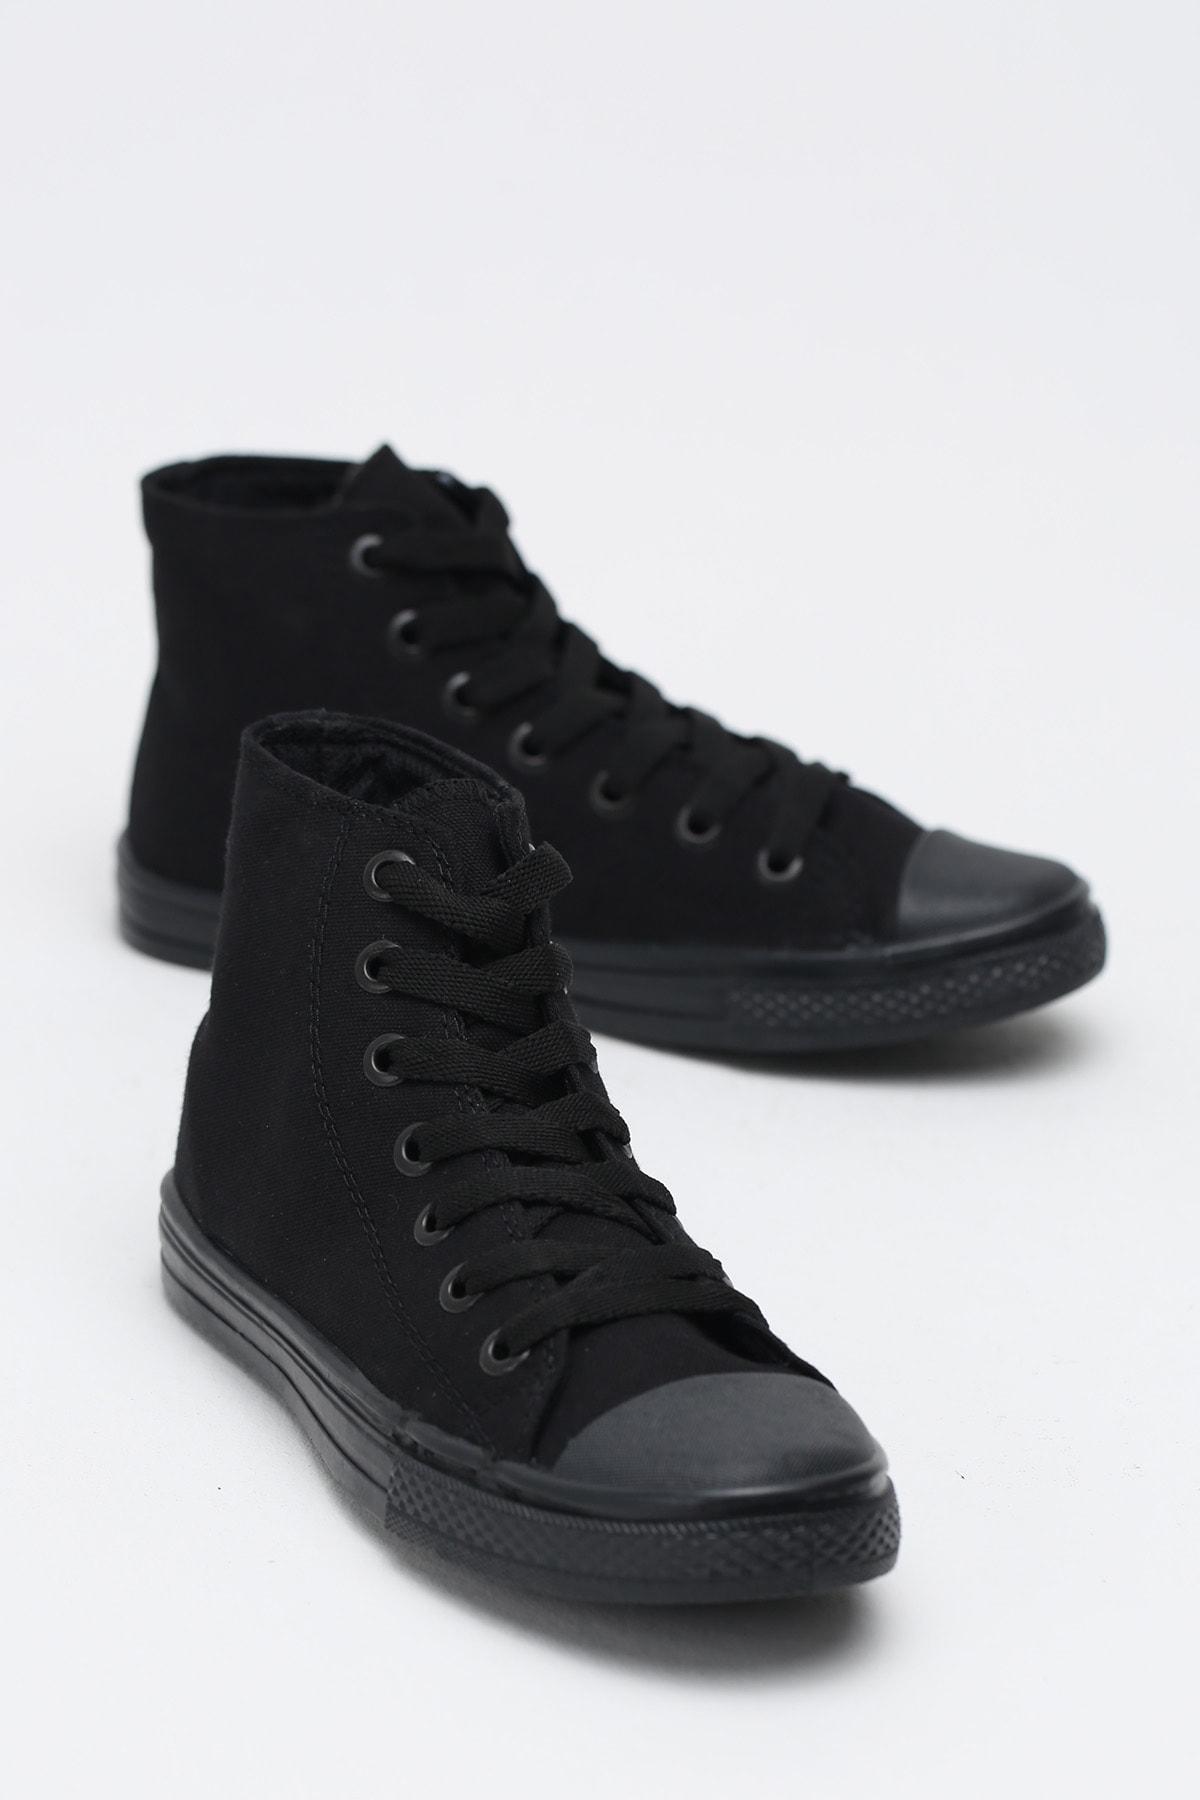 Ayakkabı Modası Siyah Kadın Ayakkabı M1003-19-110080R 1